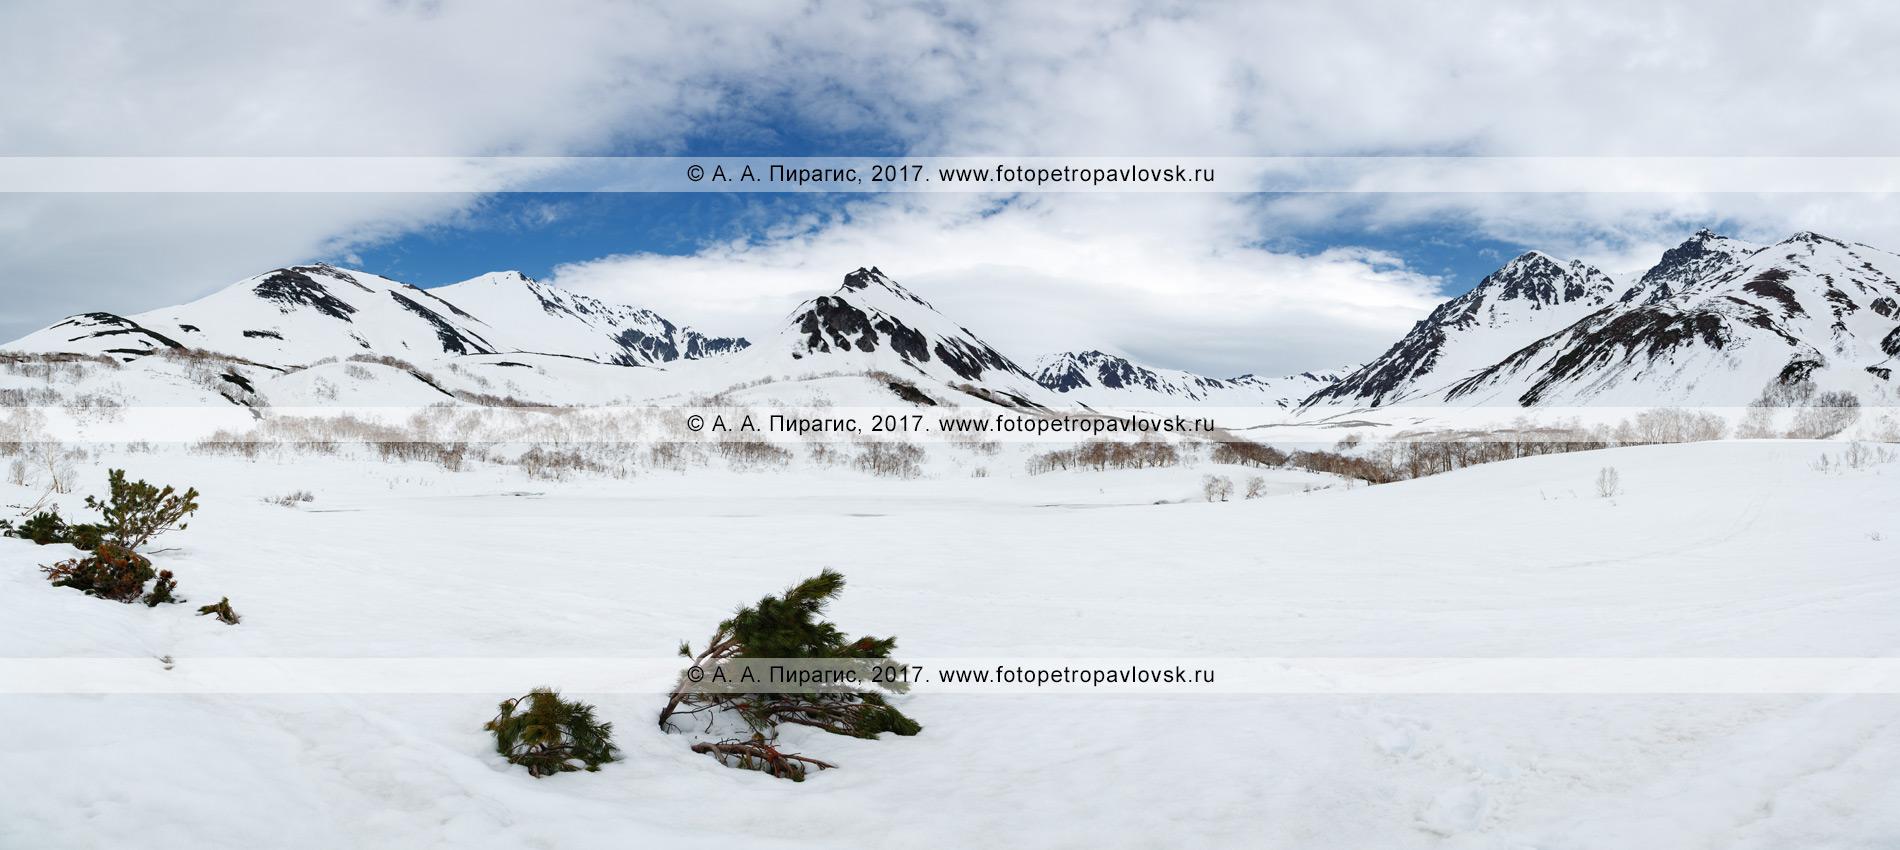 Фотография: камчатский горный пейзаж — панорамный вид на горный массив Вачкажец и озеро Тахколоч, которое только начинает освобождаться от льда и снега. Полуостров Камчатка, Южно-Быстринский хребет